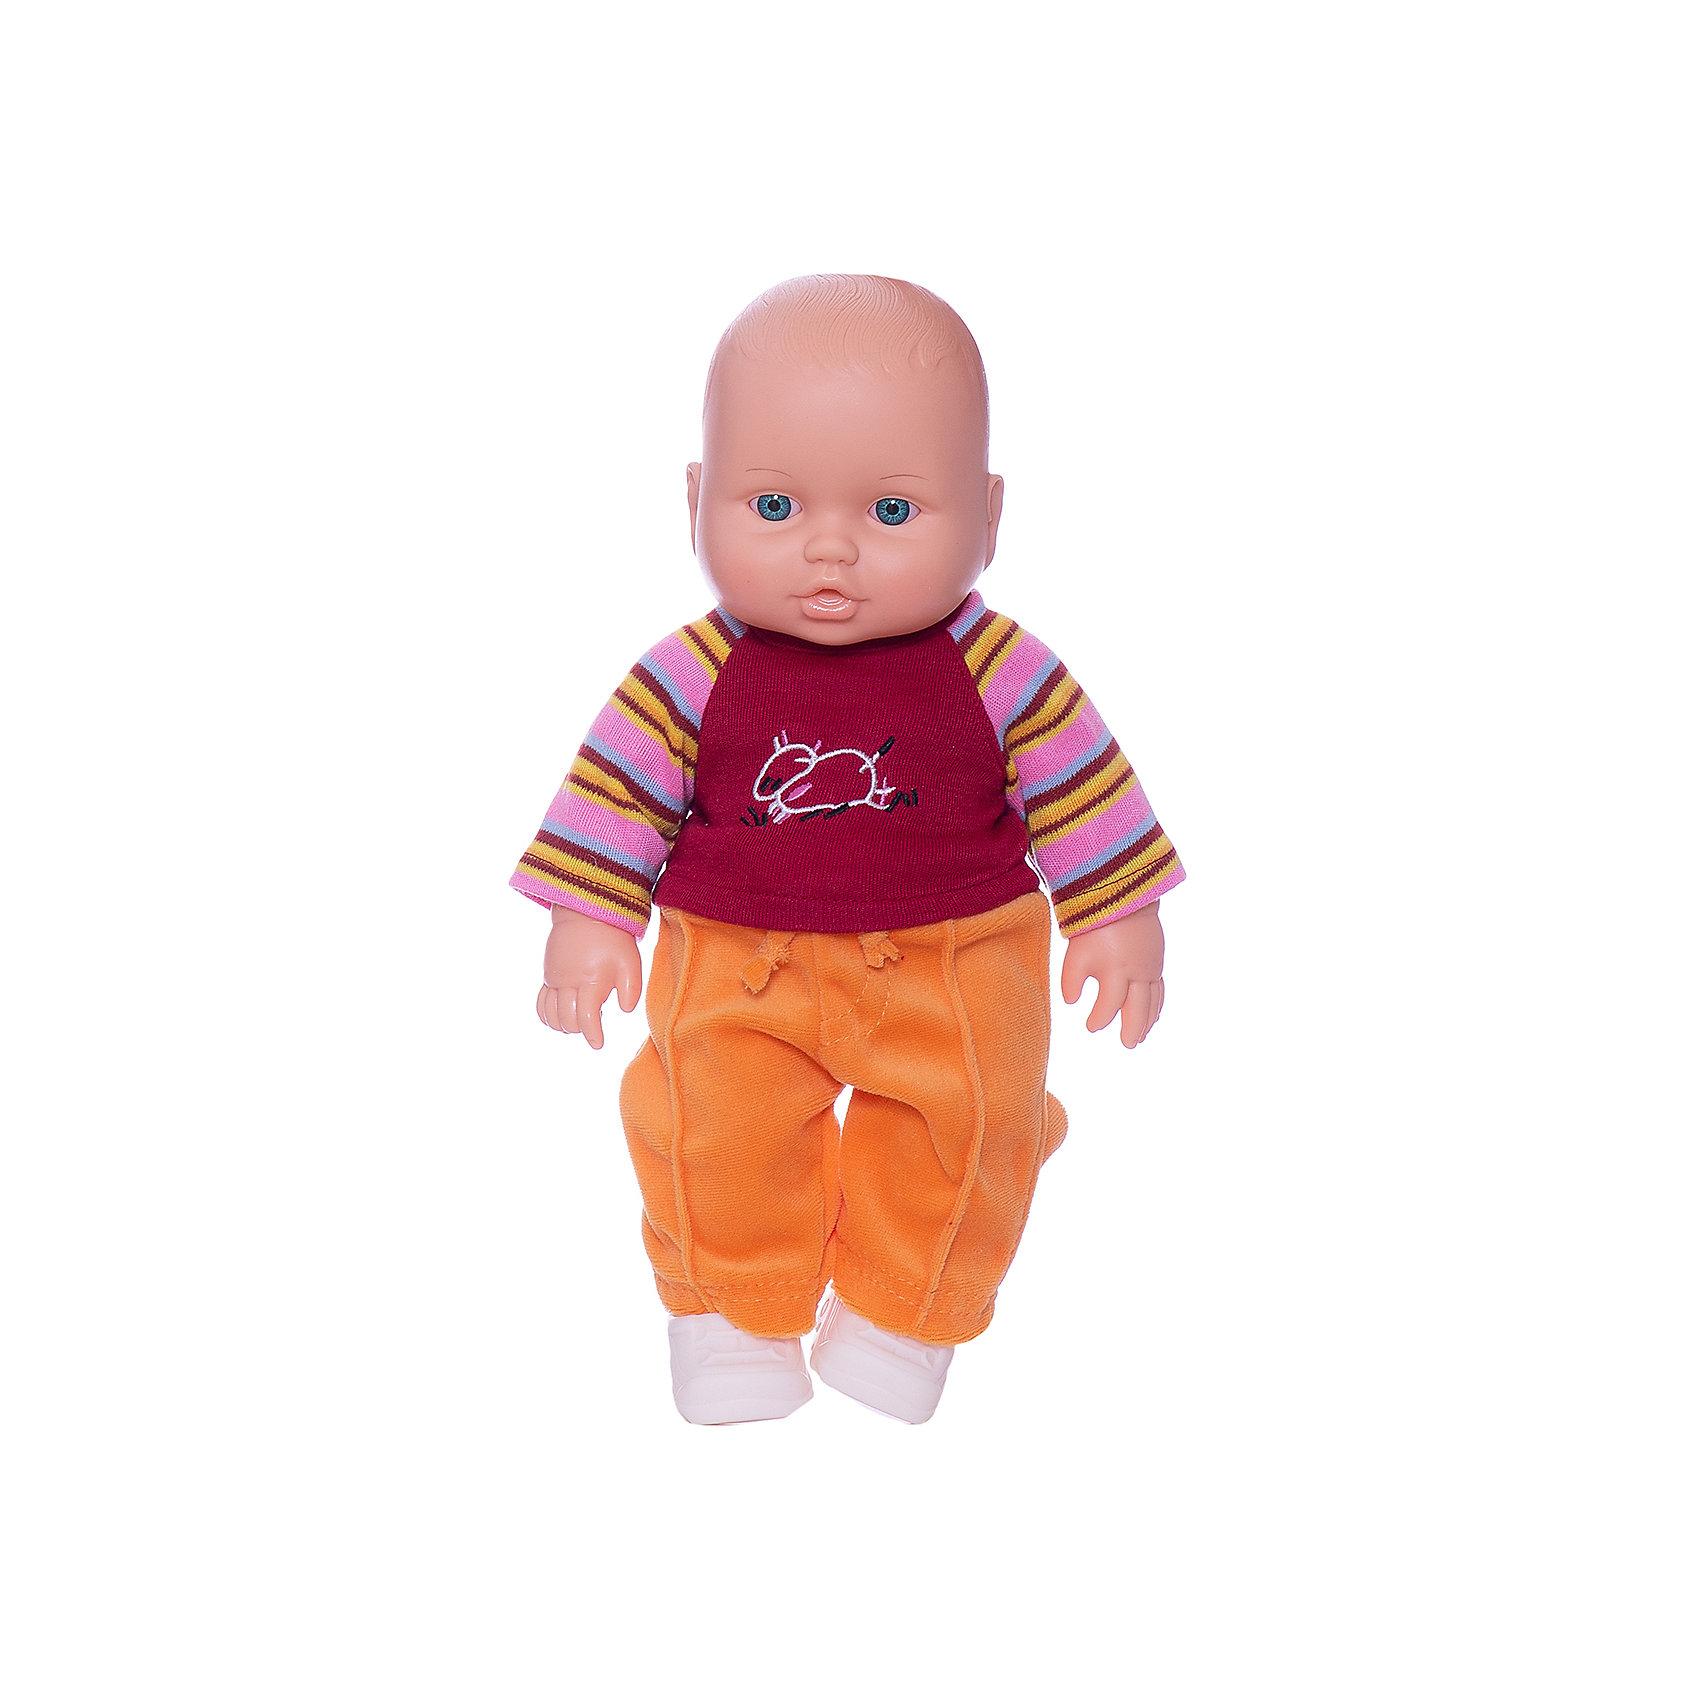 Весна Кукла Малыш 3 (мальчик), 31 см, Весна кукла весна 35 см